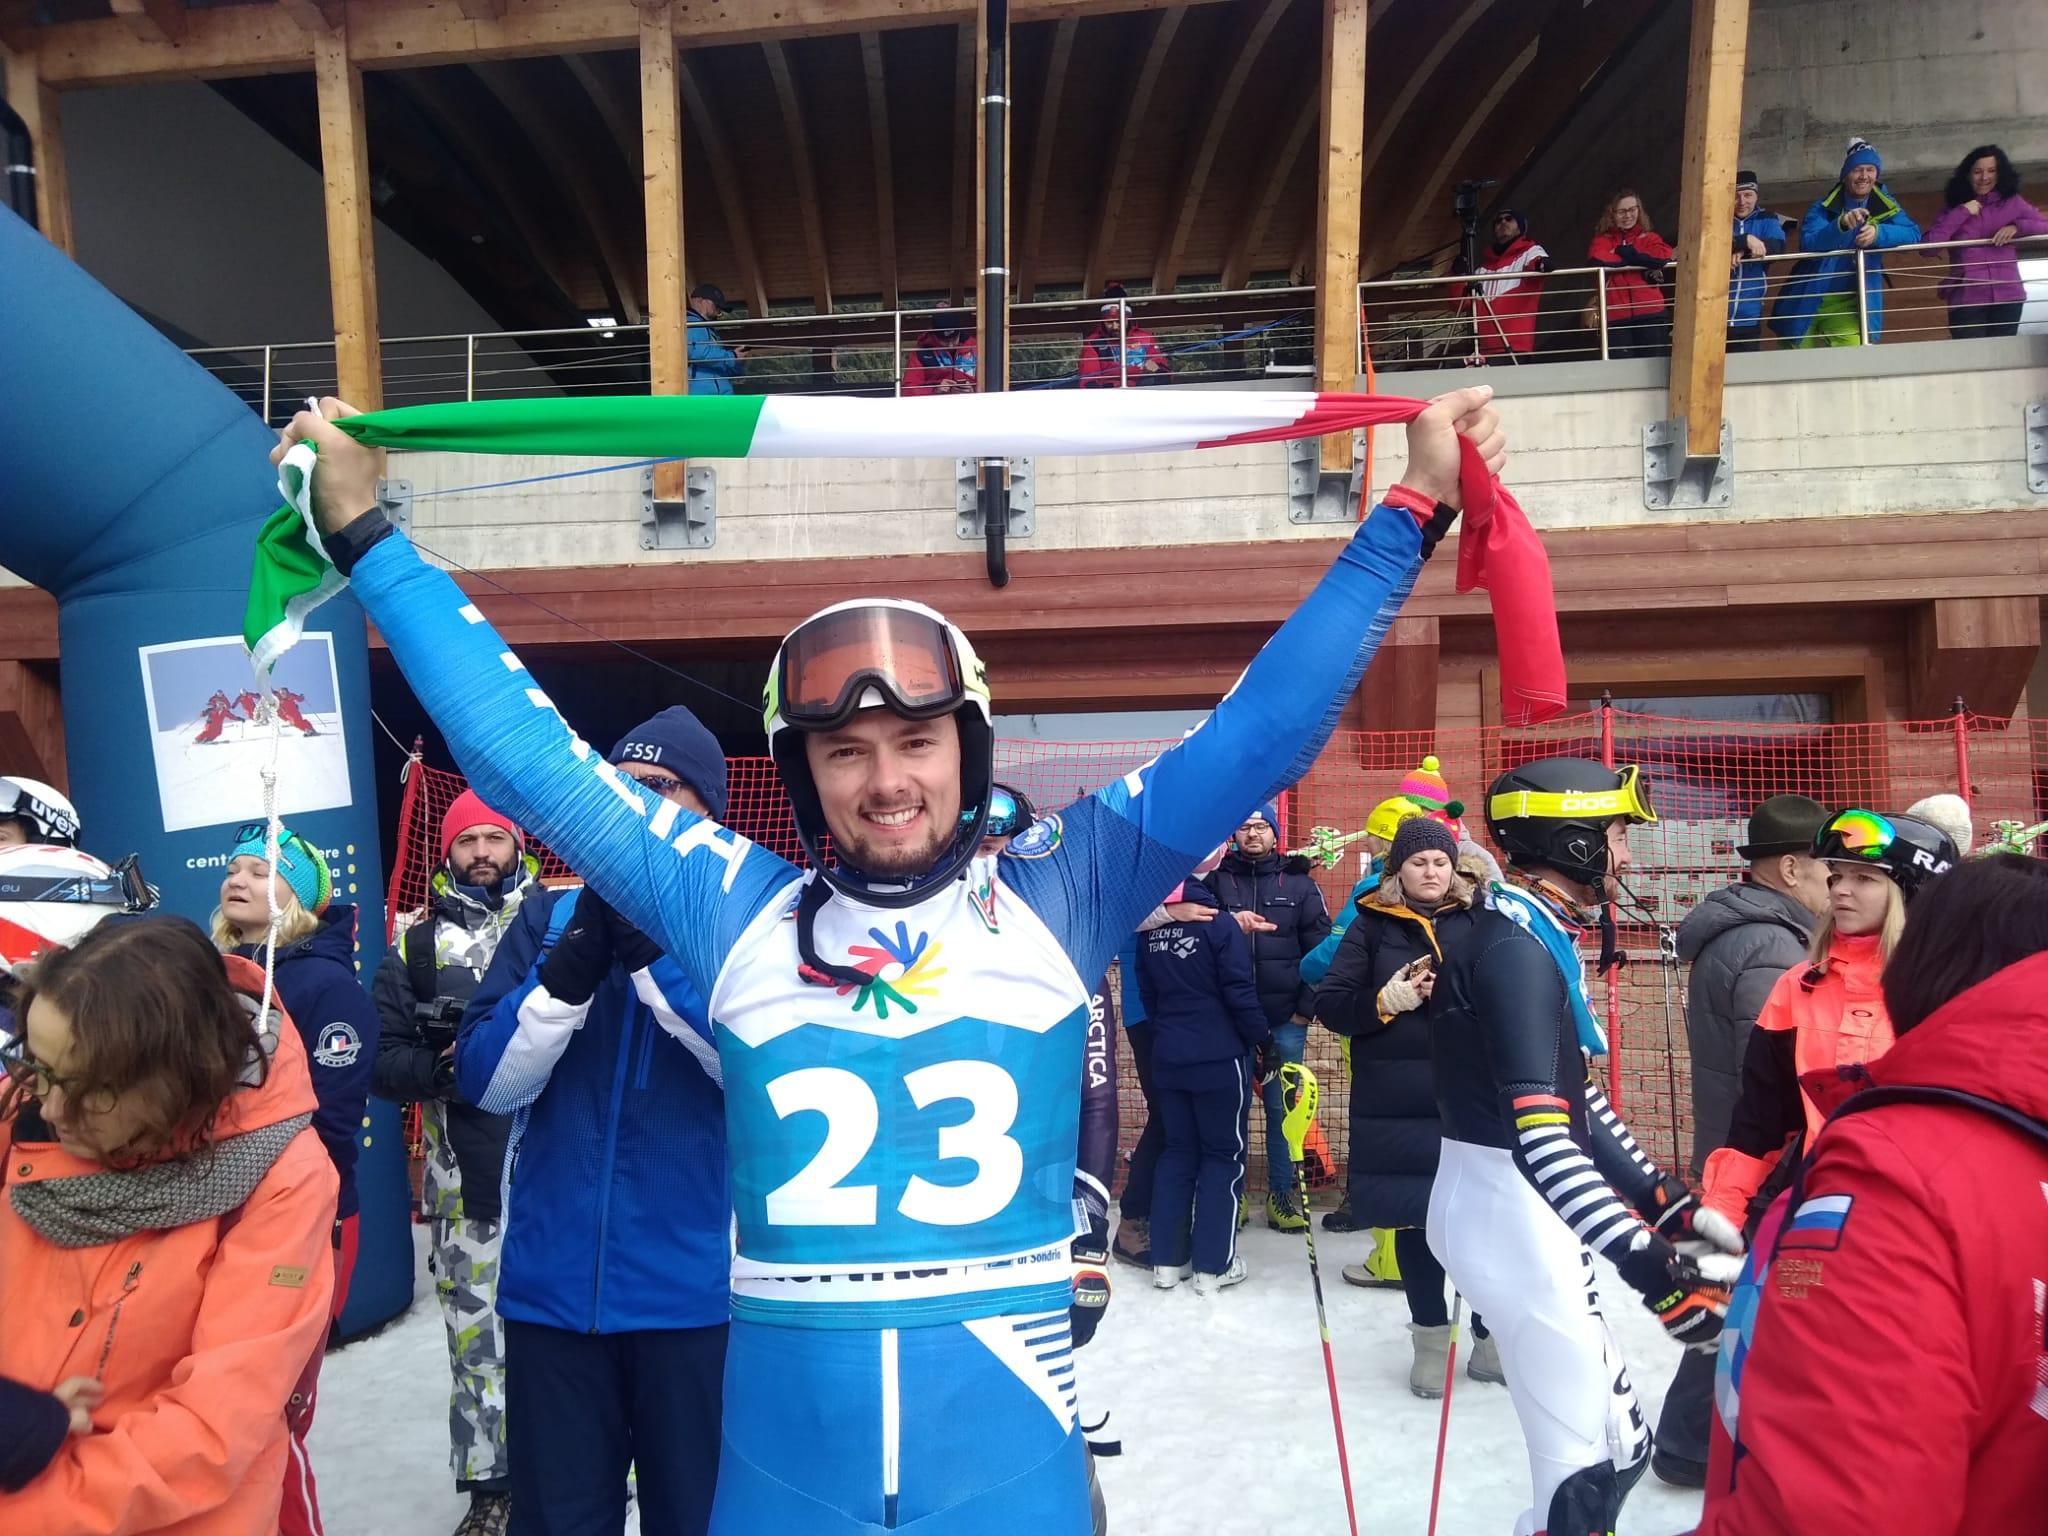 RECORD OLIMPICO: Giacomo Pierbon vince il quinto oro (slalom speciale) alle Olimpiadi dei sordi di Valtellina e Valchiavenna